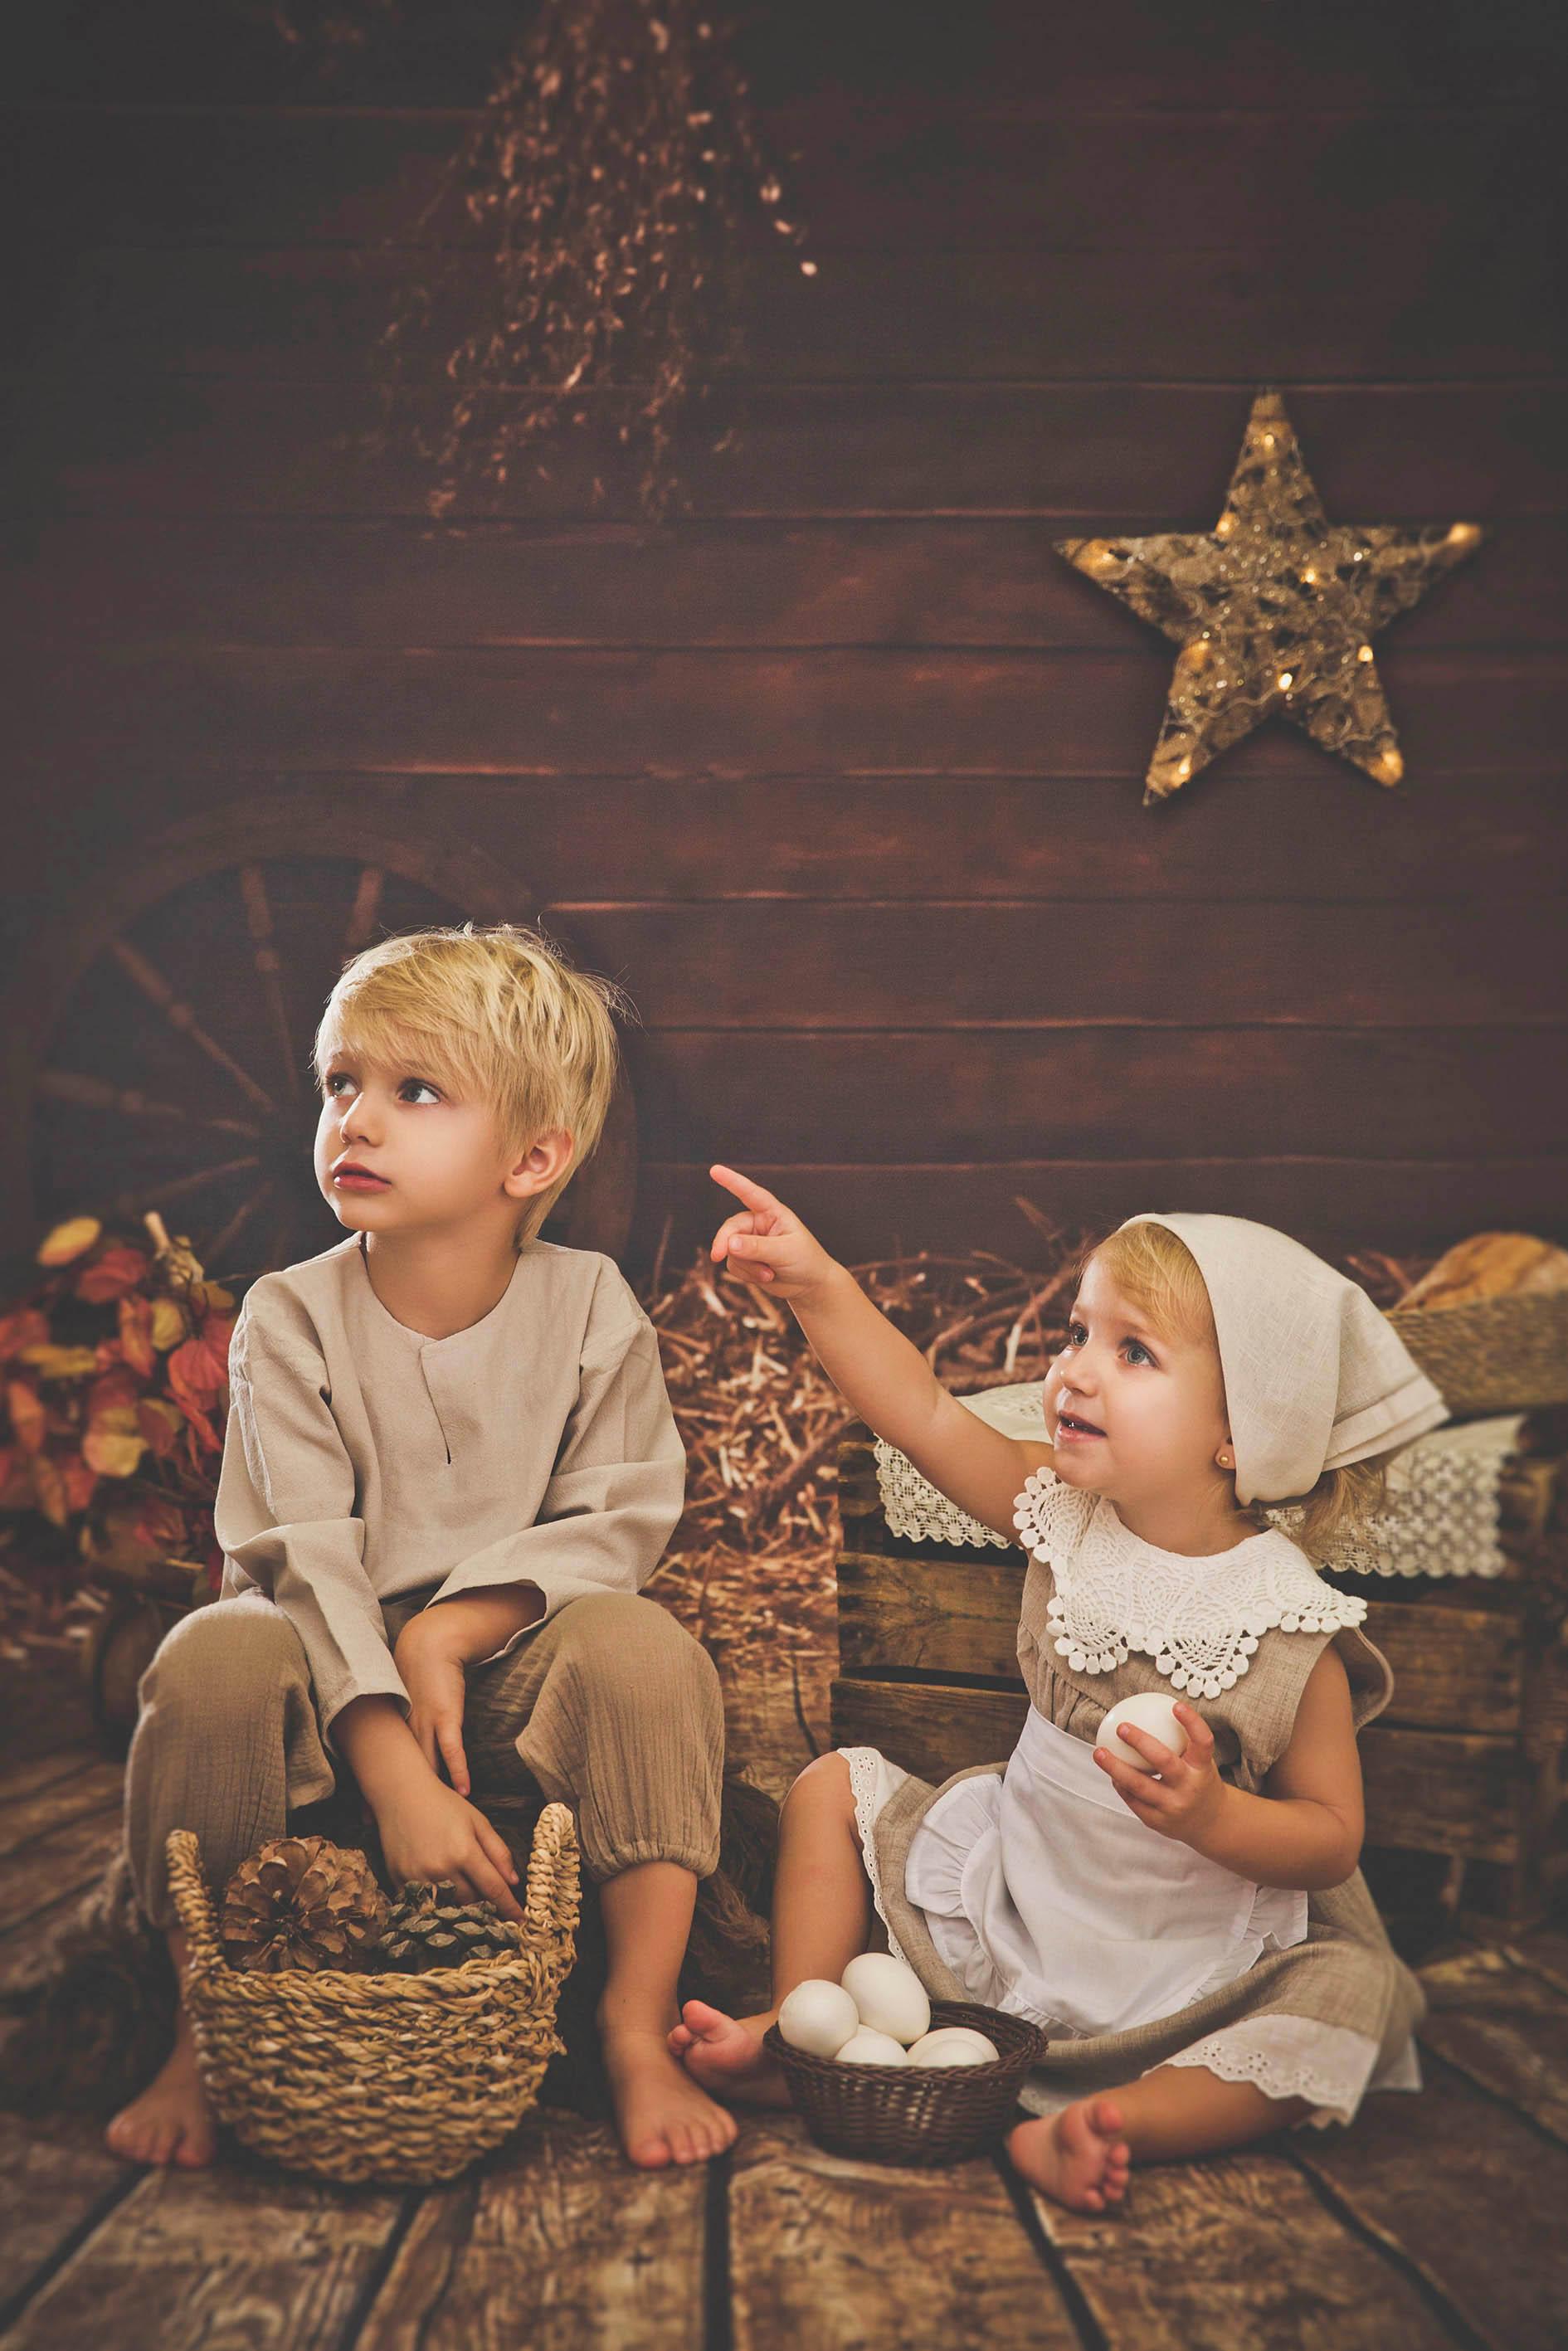 Hermanos vestidos de pastorcillos sentados en el suelo, tienen un huevo en la mano y piñas en otra, miran y señalan algo que les ha llamado la atención, imagen realizada con una oferta de navidad.